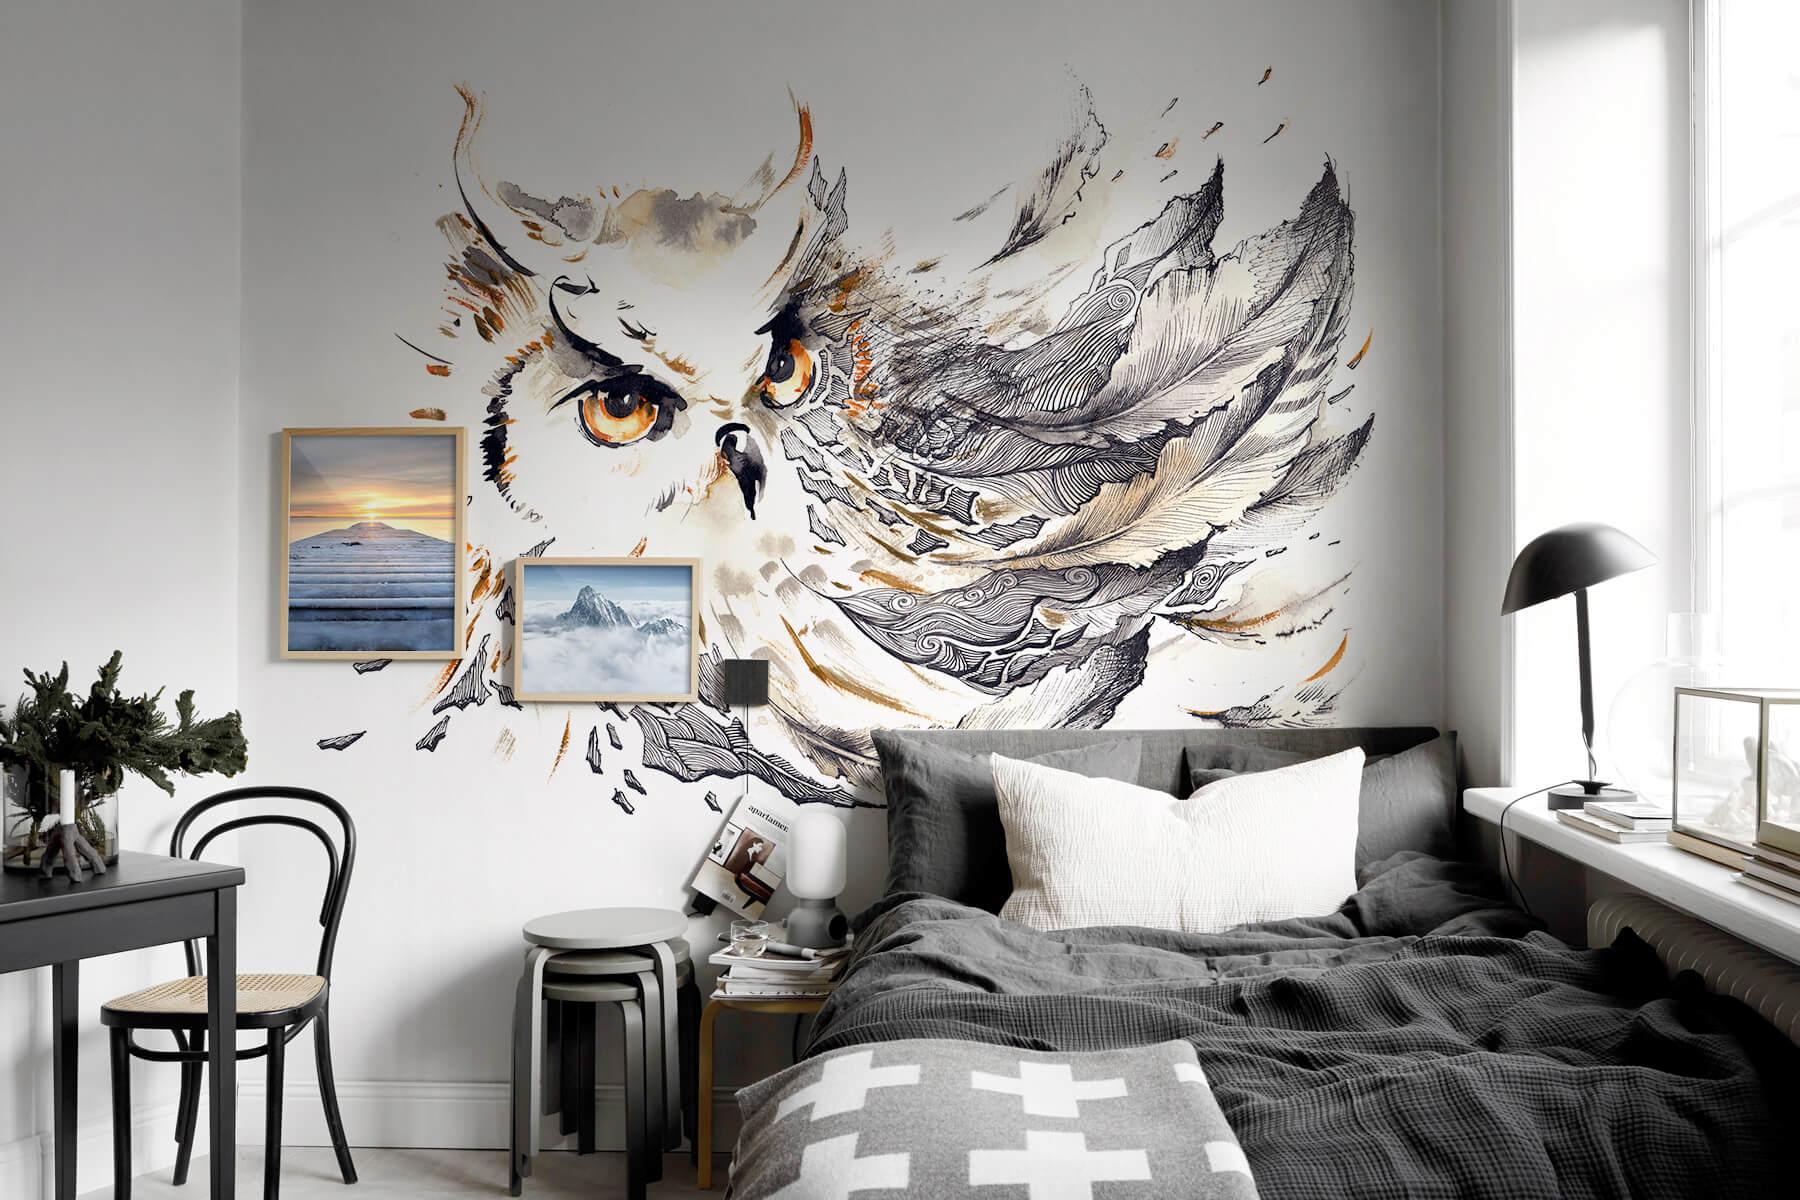 Рисование картин в квартире